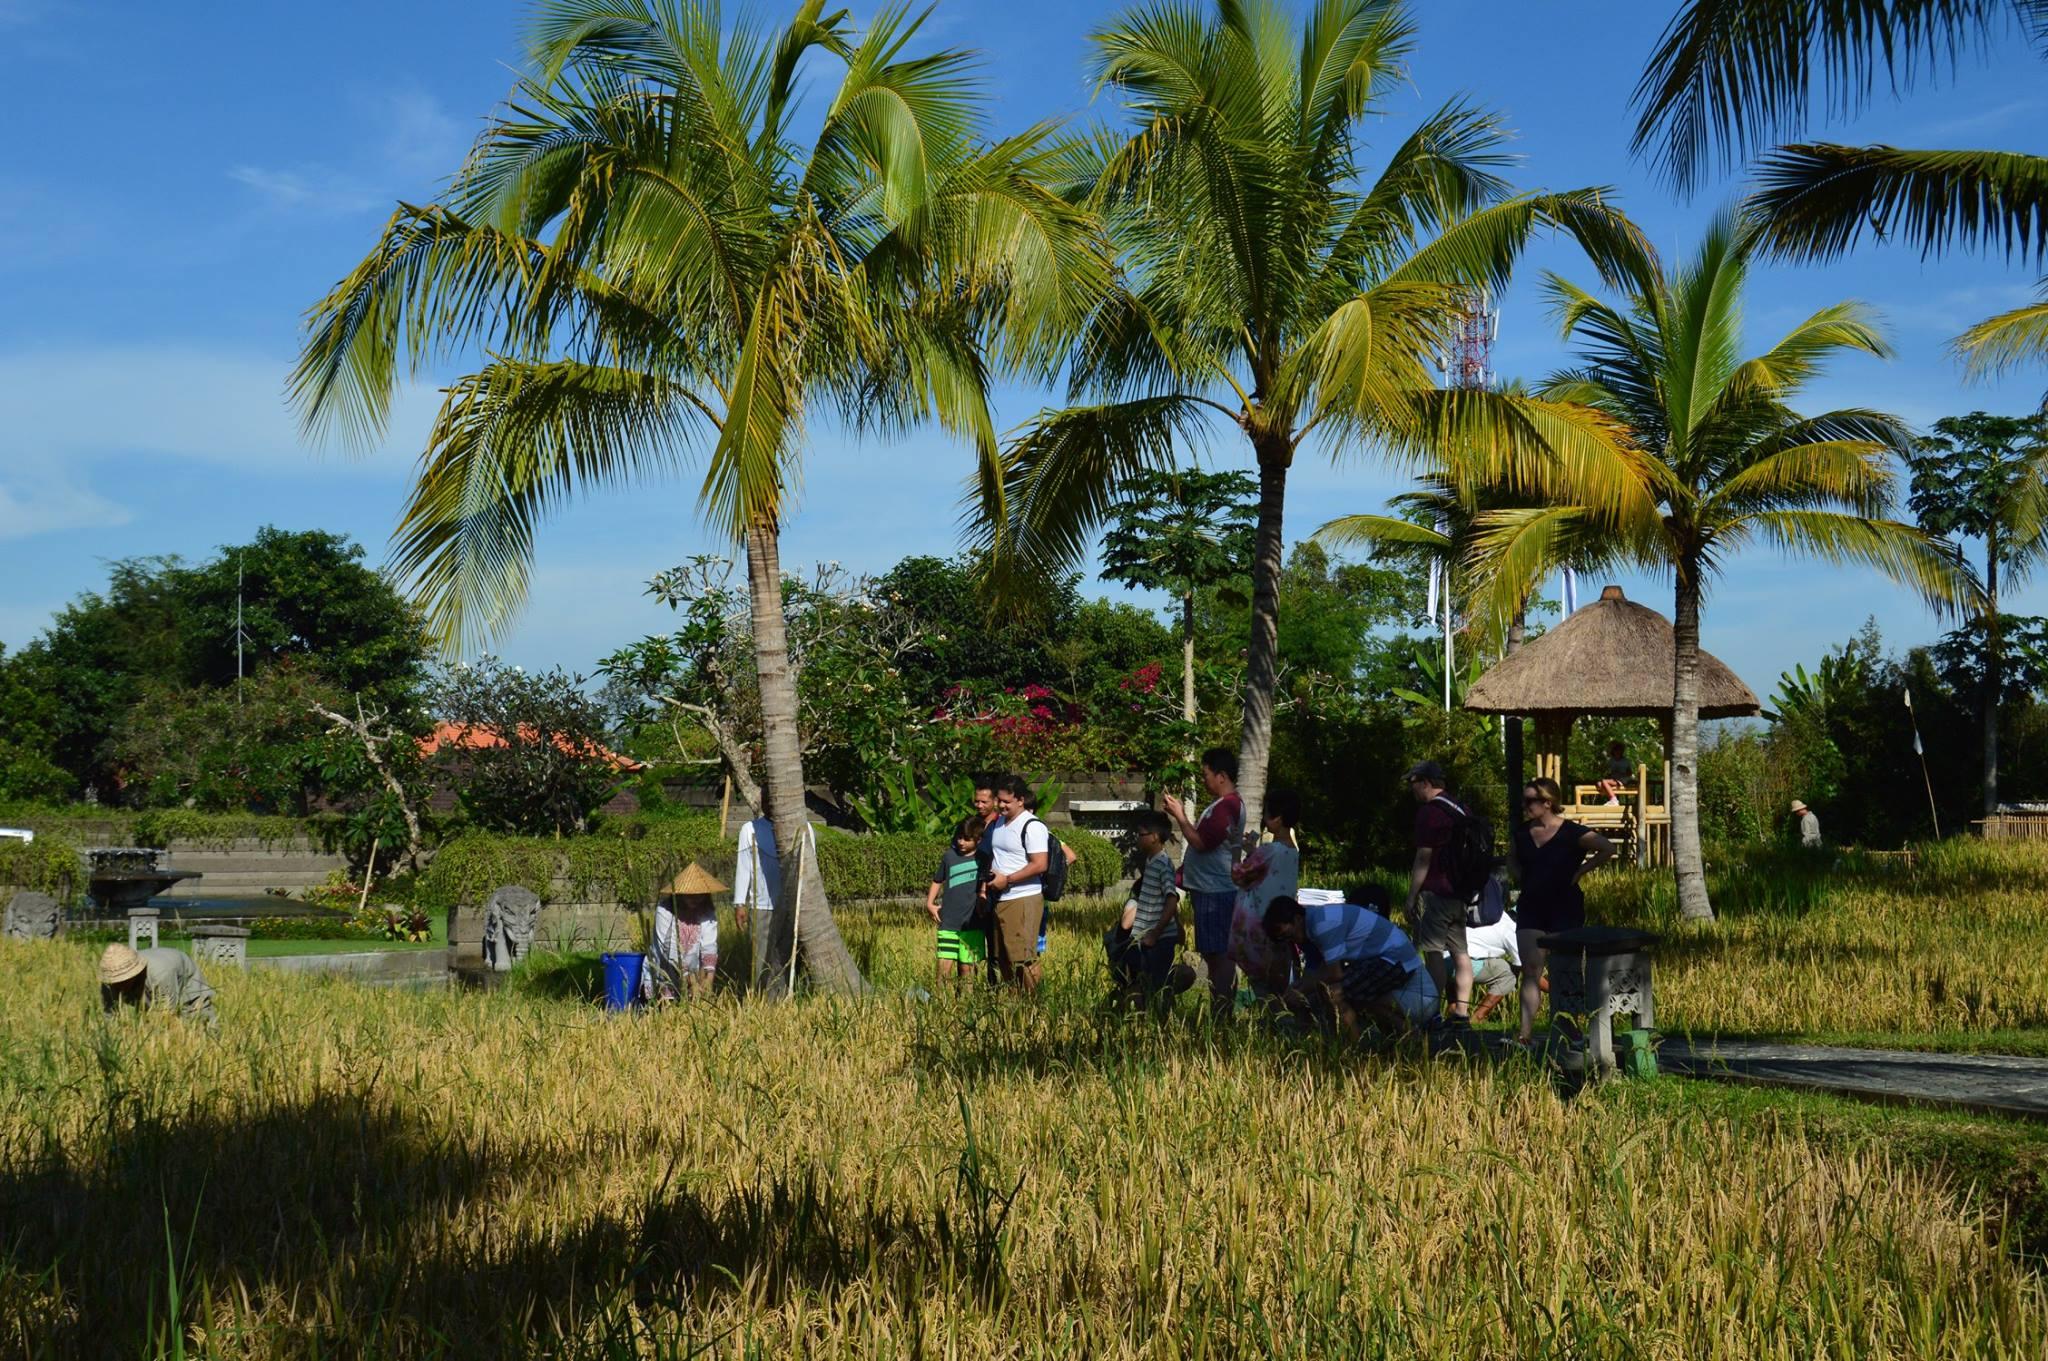 kamandalu-ubud-retreat-center-indonesia-15